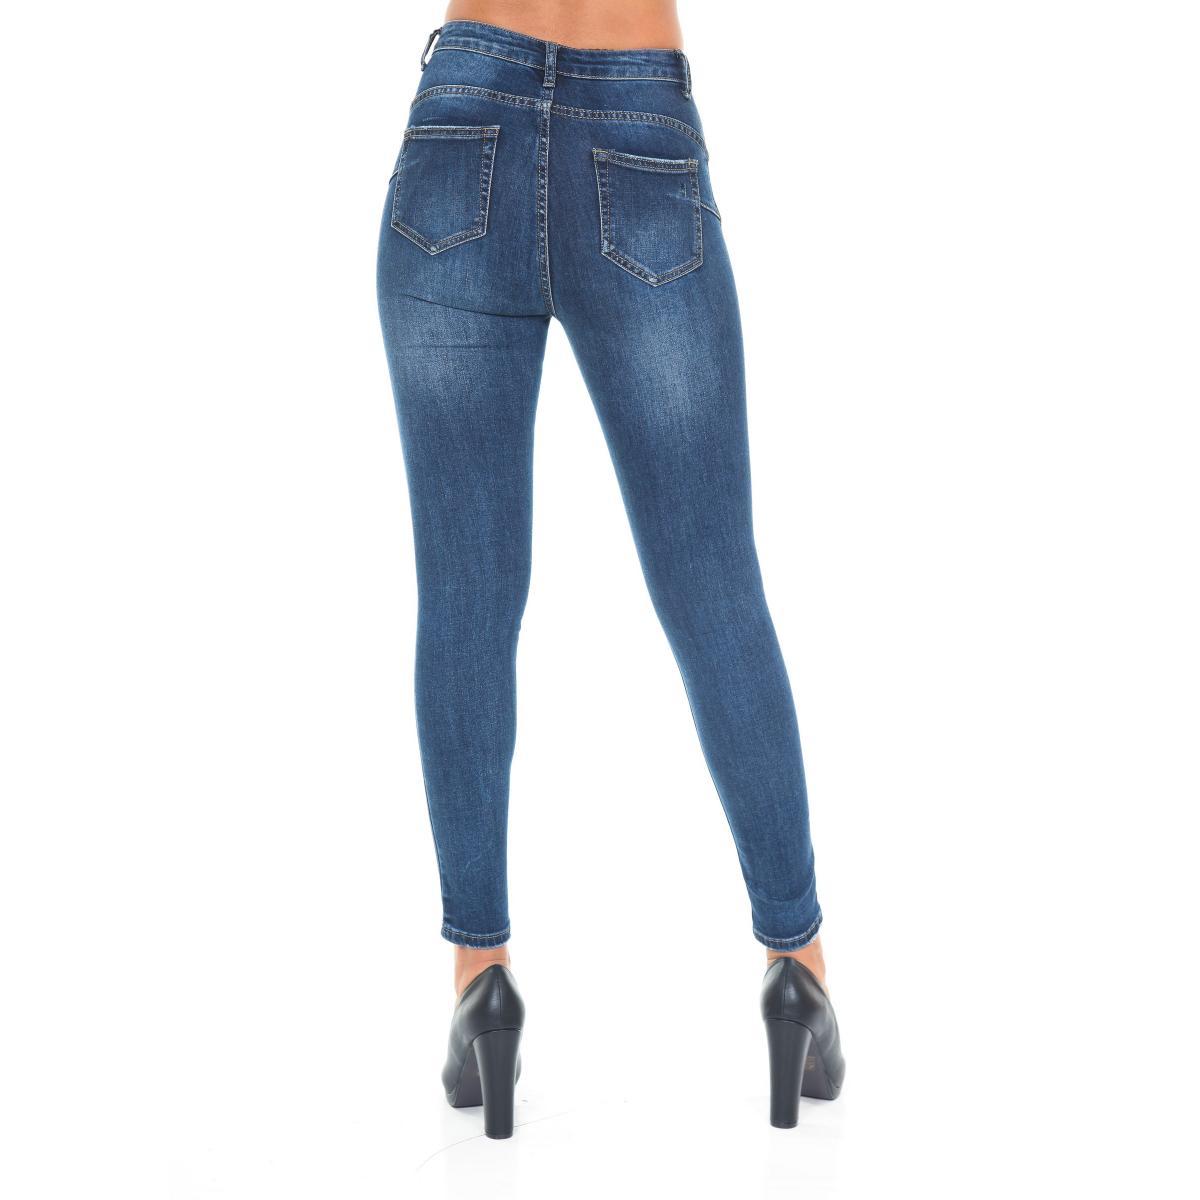 Pantaloni Jeans da donna 5 tasche slim fit stretti lunghezza alle caviglie